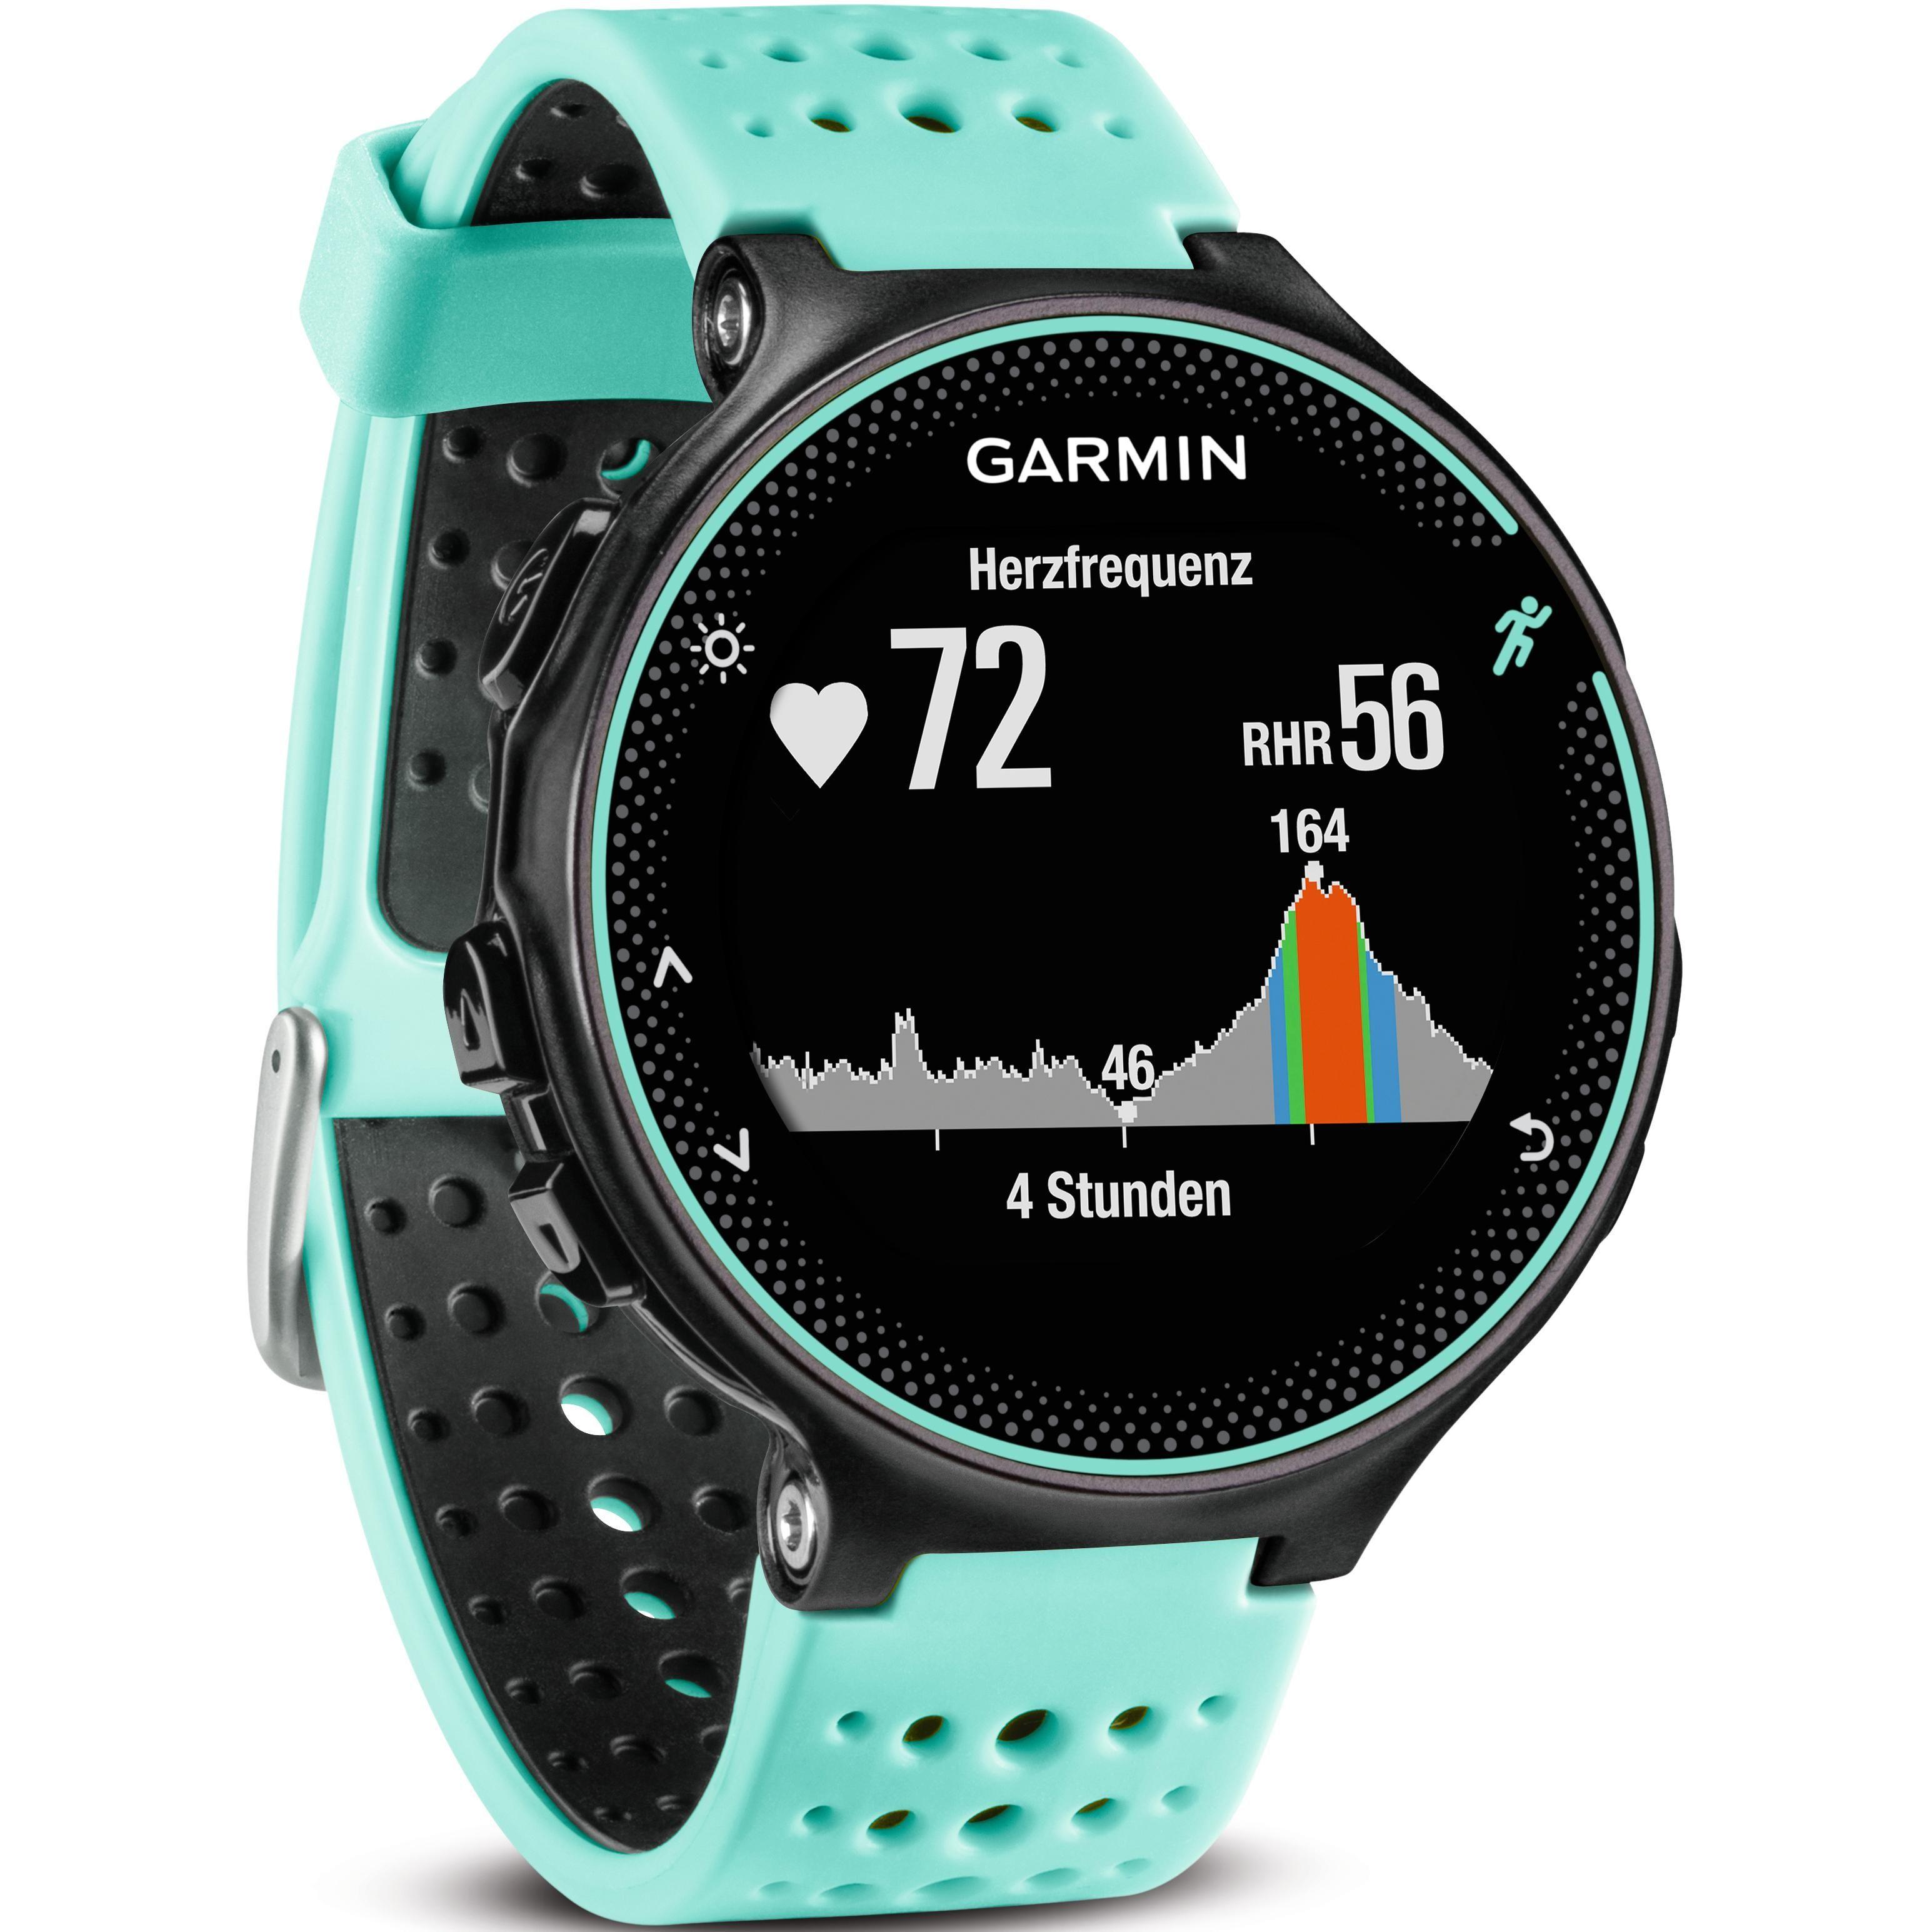 Garmin Forerunner 35 GPS-Laufuhr Herzfrequenzmessung am Handgelenk